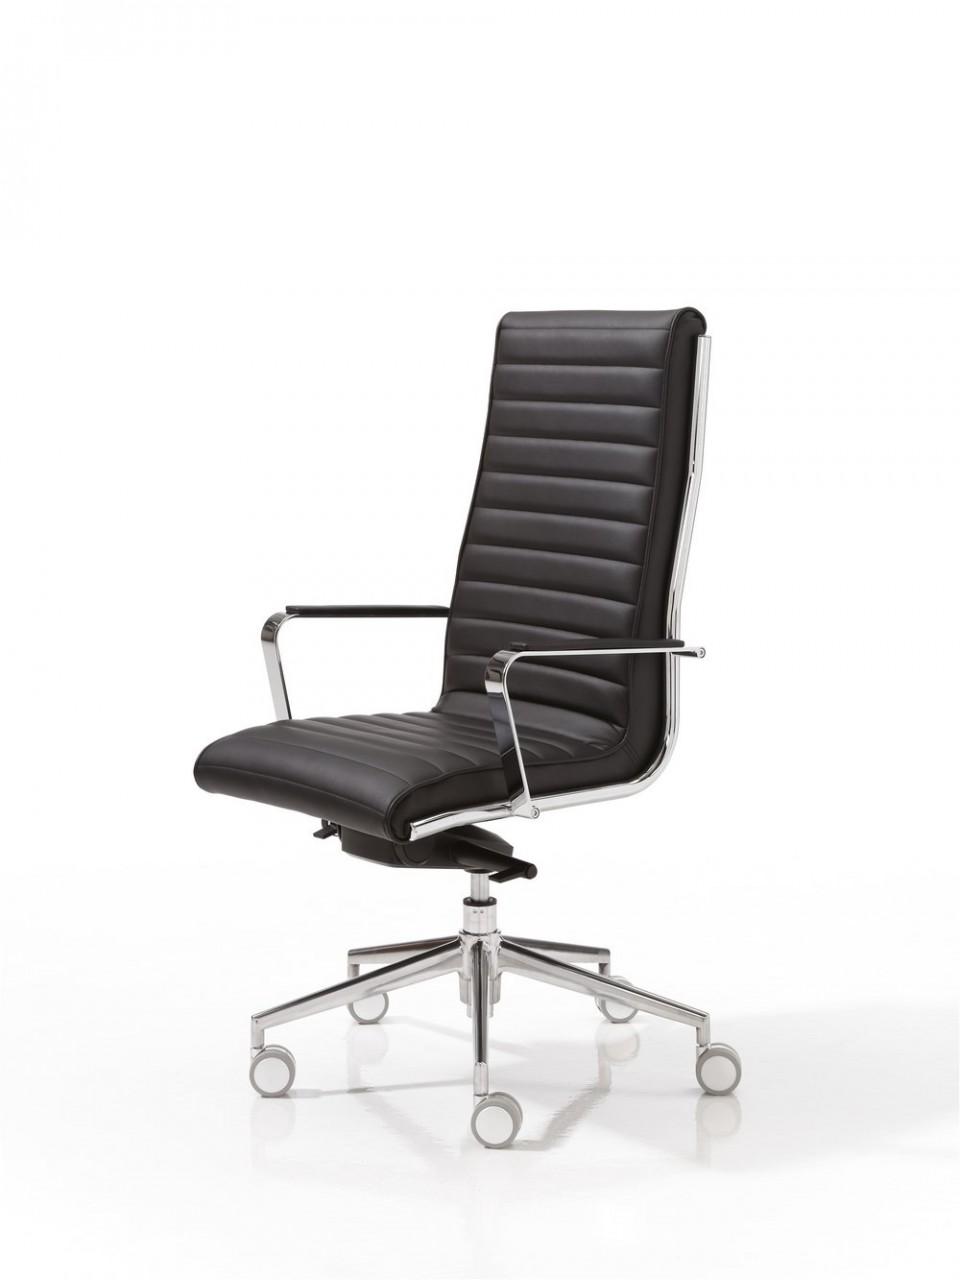 Fauteuil de bureau cuir tery achat fauteuil de bureau - Chaise de bureau knoll ...